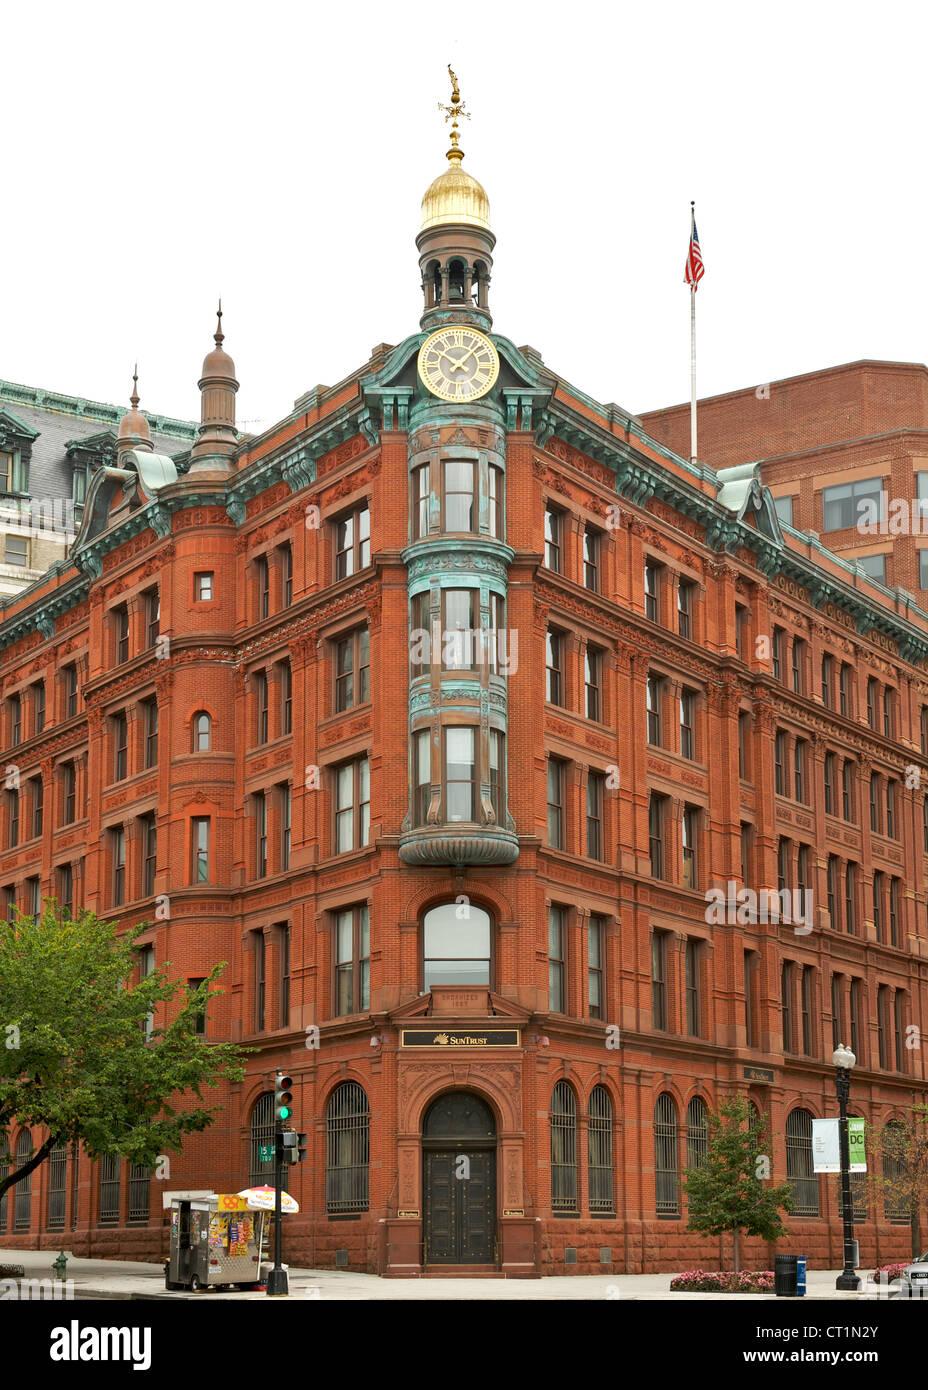 Il risparmio nazionale e Trust Company building a Washington DC, Stati Uniti d'America. Immagini Stock